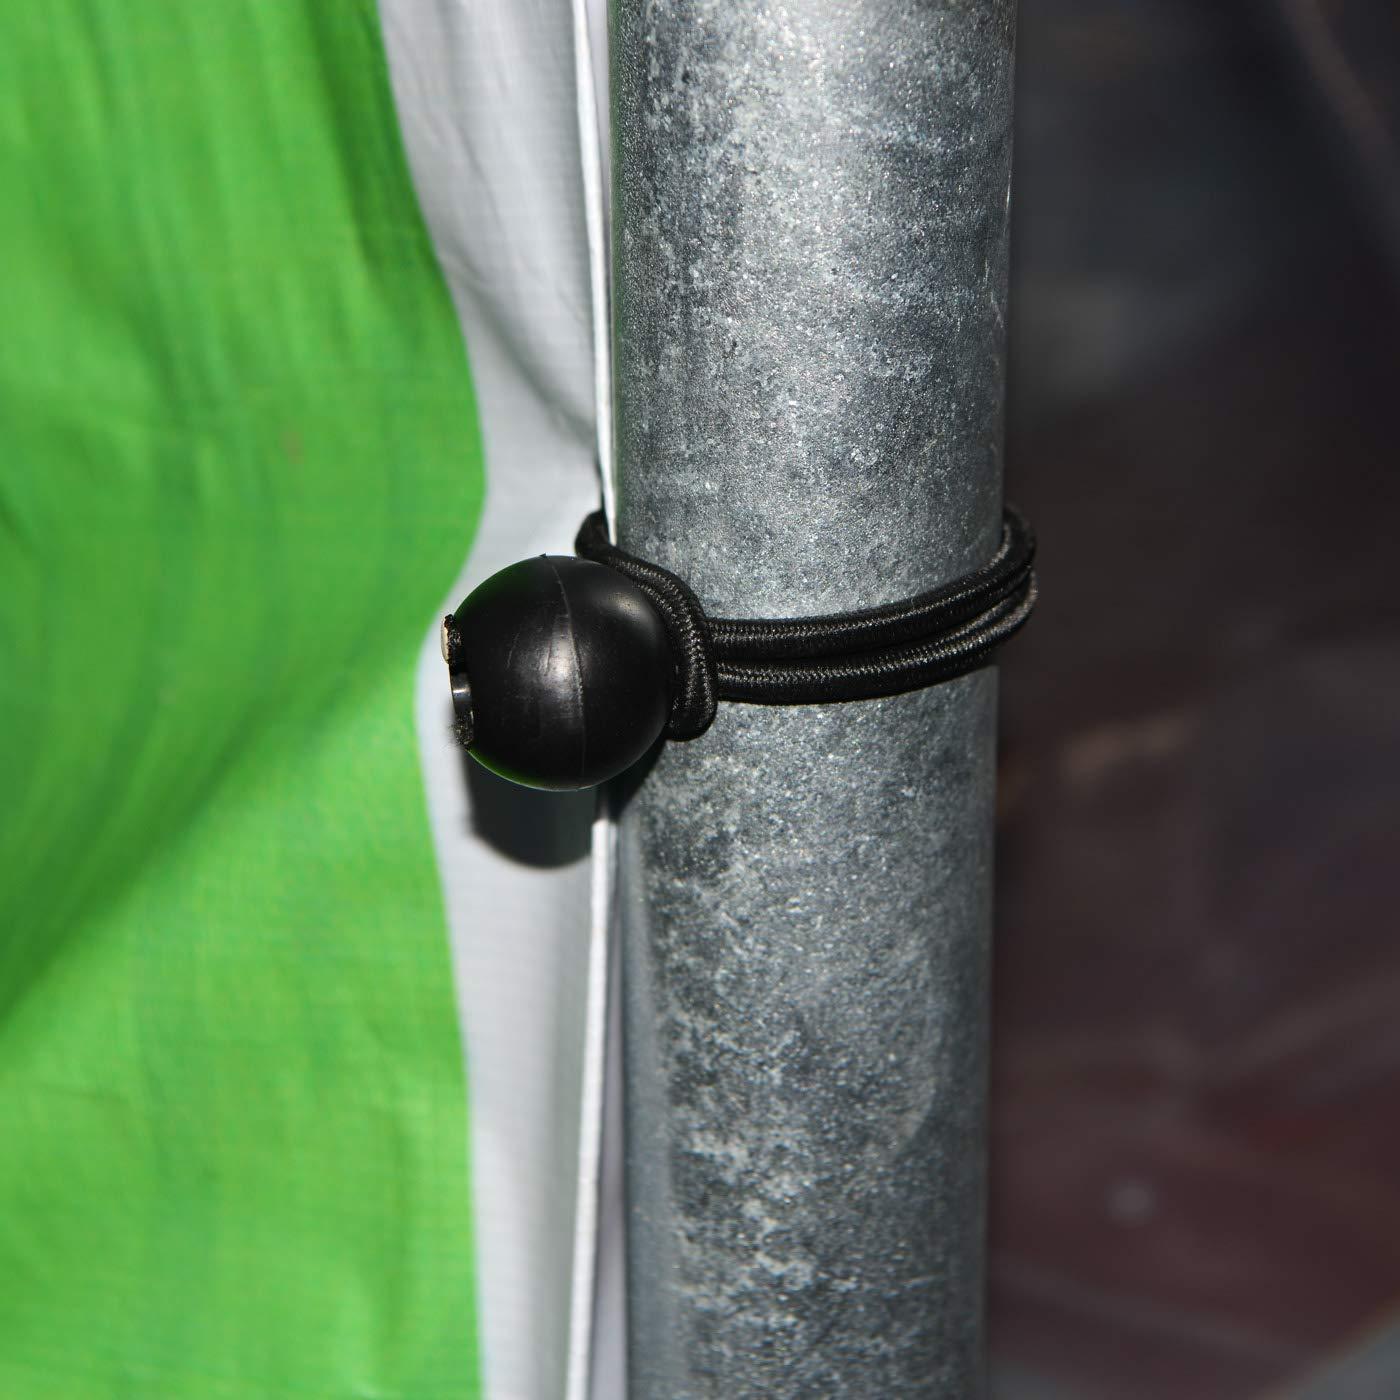 12 Piezas Toldos Abrazaderas Pl/ástico Pinza de Cocodrilo para Cortinas GTIWUNG 12 Piezas Bolas El/ásticas Cordones El/ásticas 22cm Sacos de Dormir Pancartas Tiendas etc.